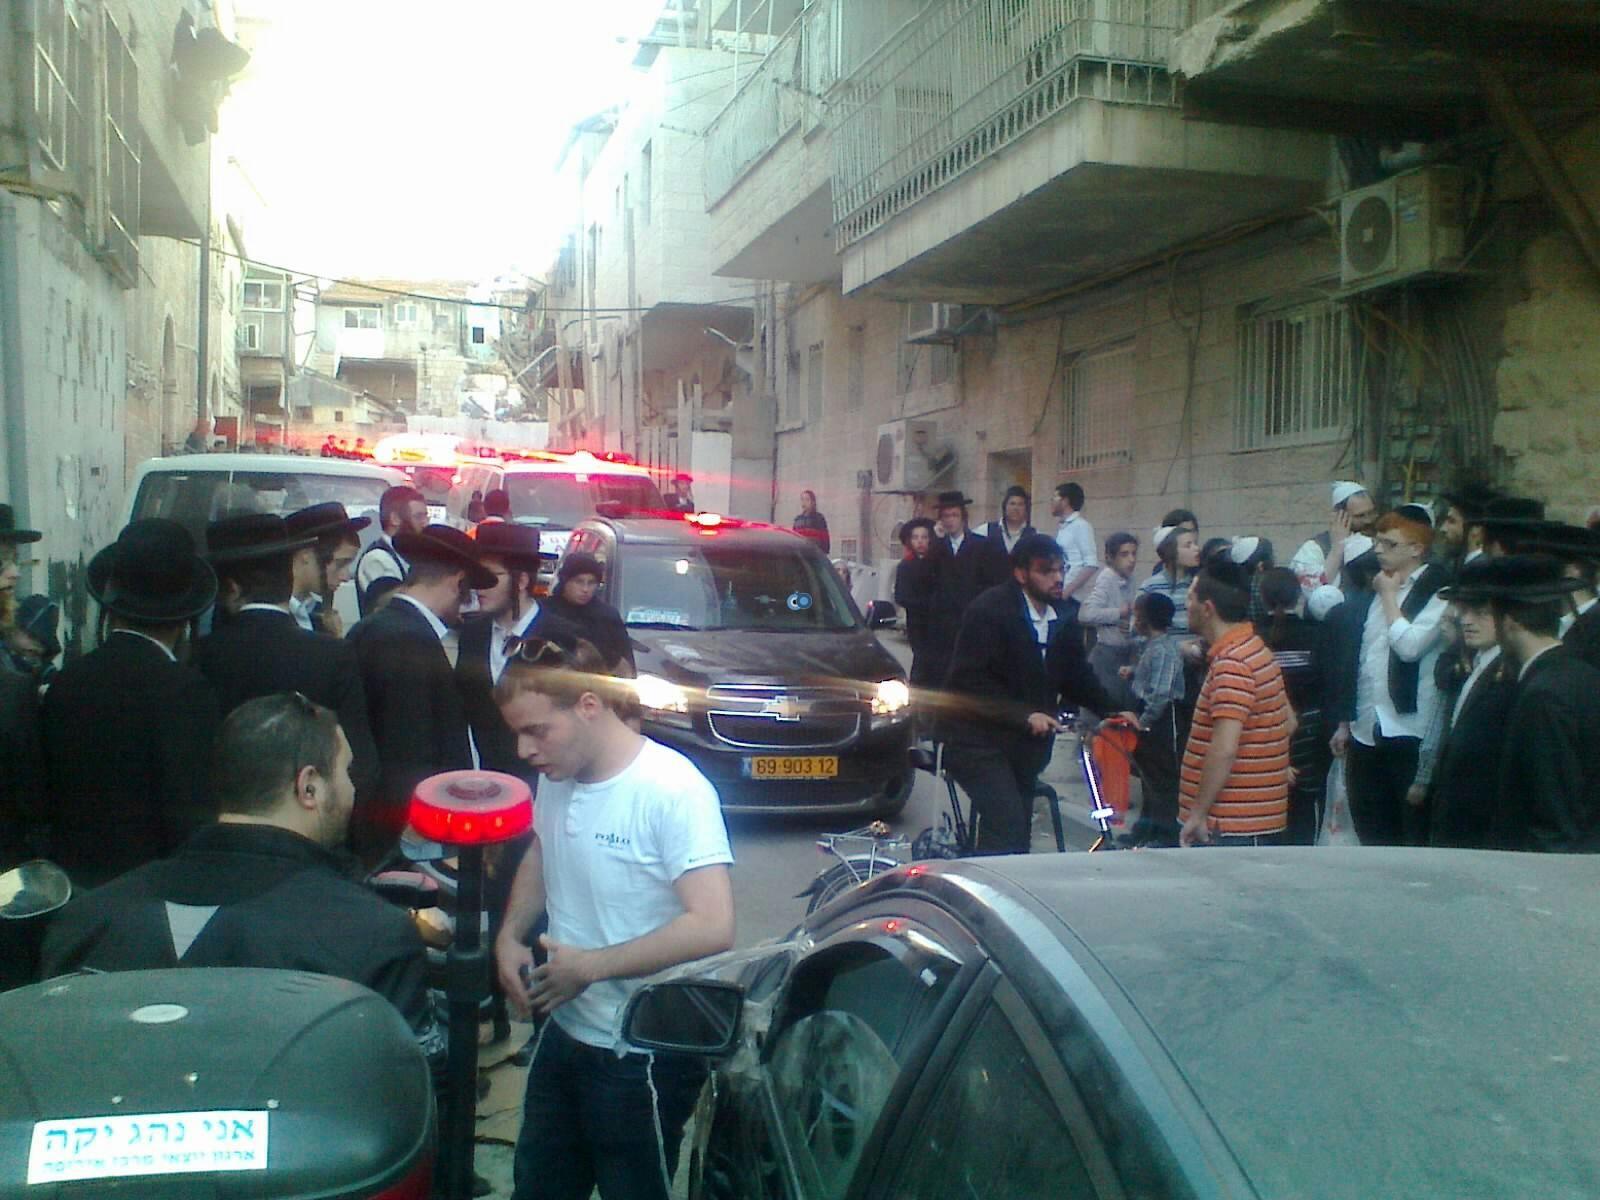 ילד פצוע בינוני מרכב מאה שערים צילם שלמה טרוייבן 24 (7)